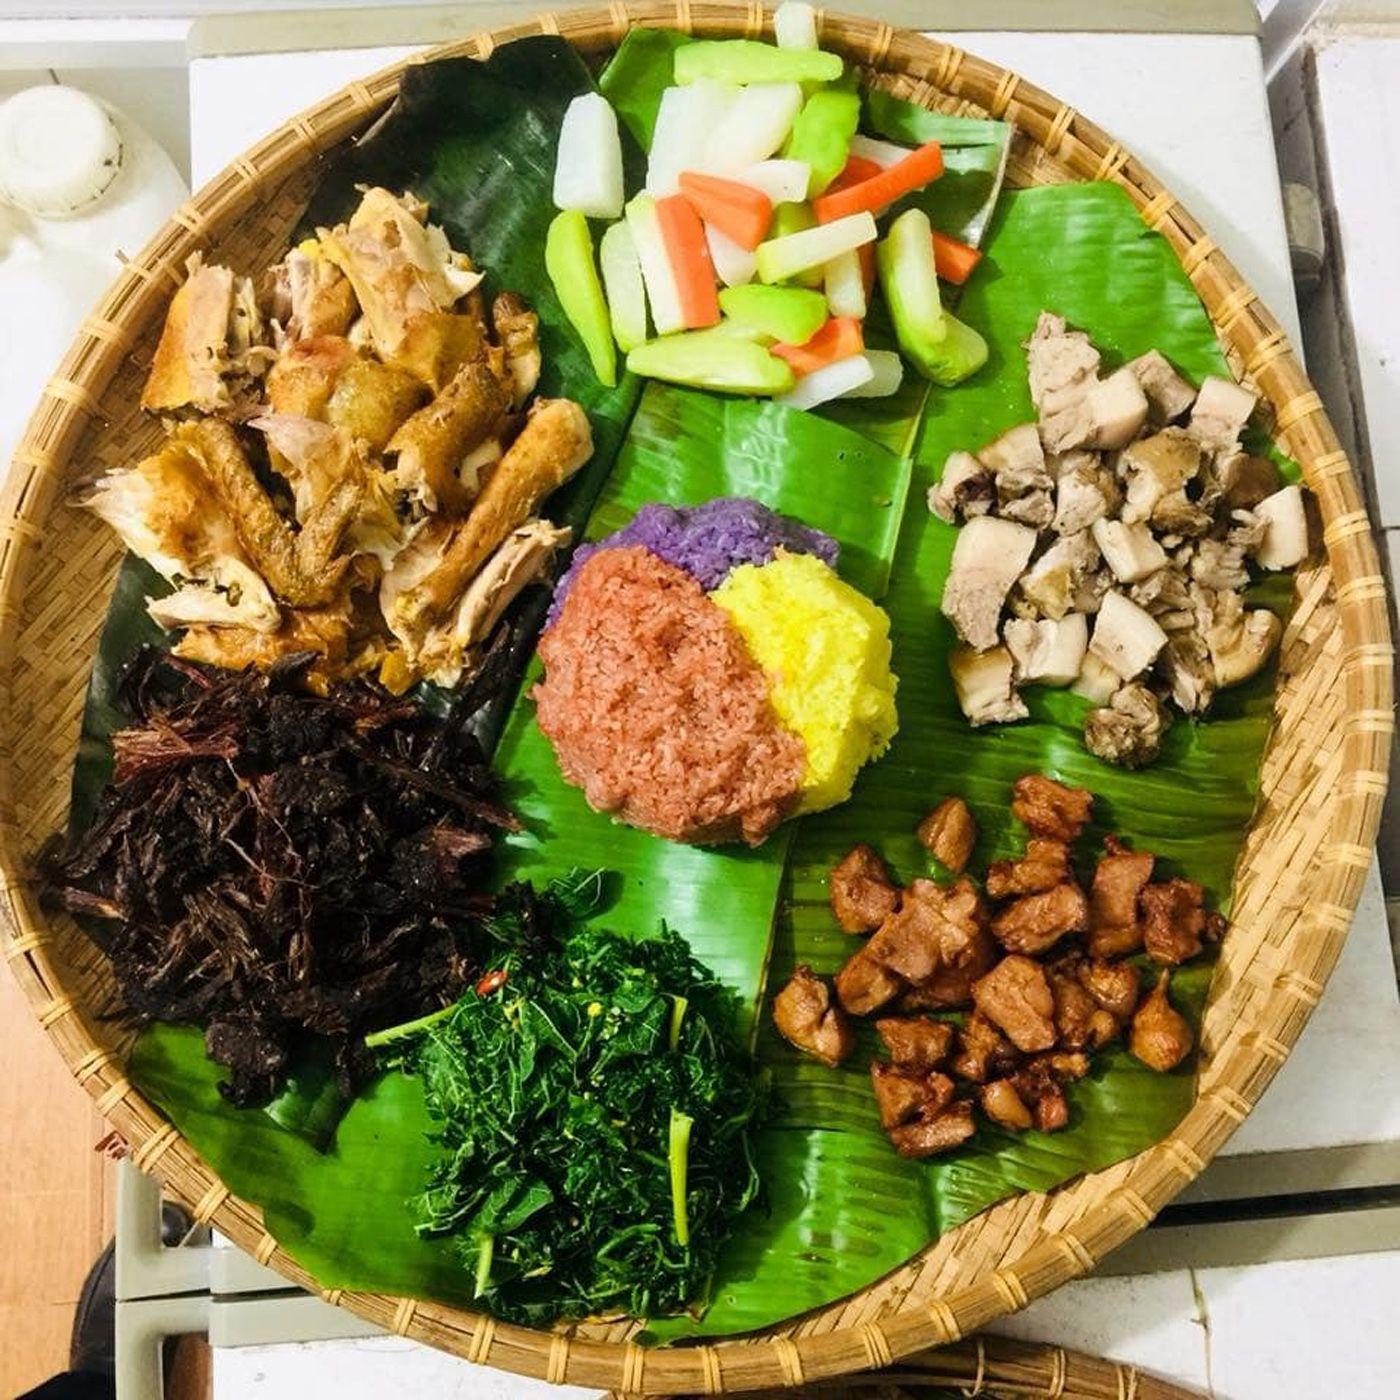 Khách sạn Sao Xanh Mộc Châu còn có nhà hàng phục vụ các món ăn Việt Nam